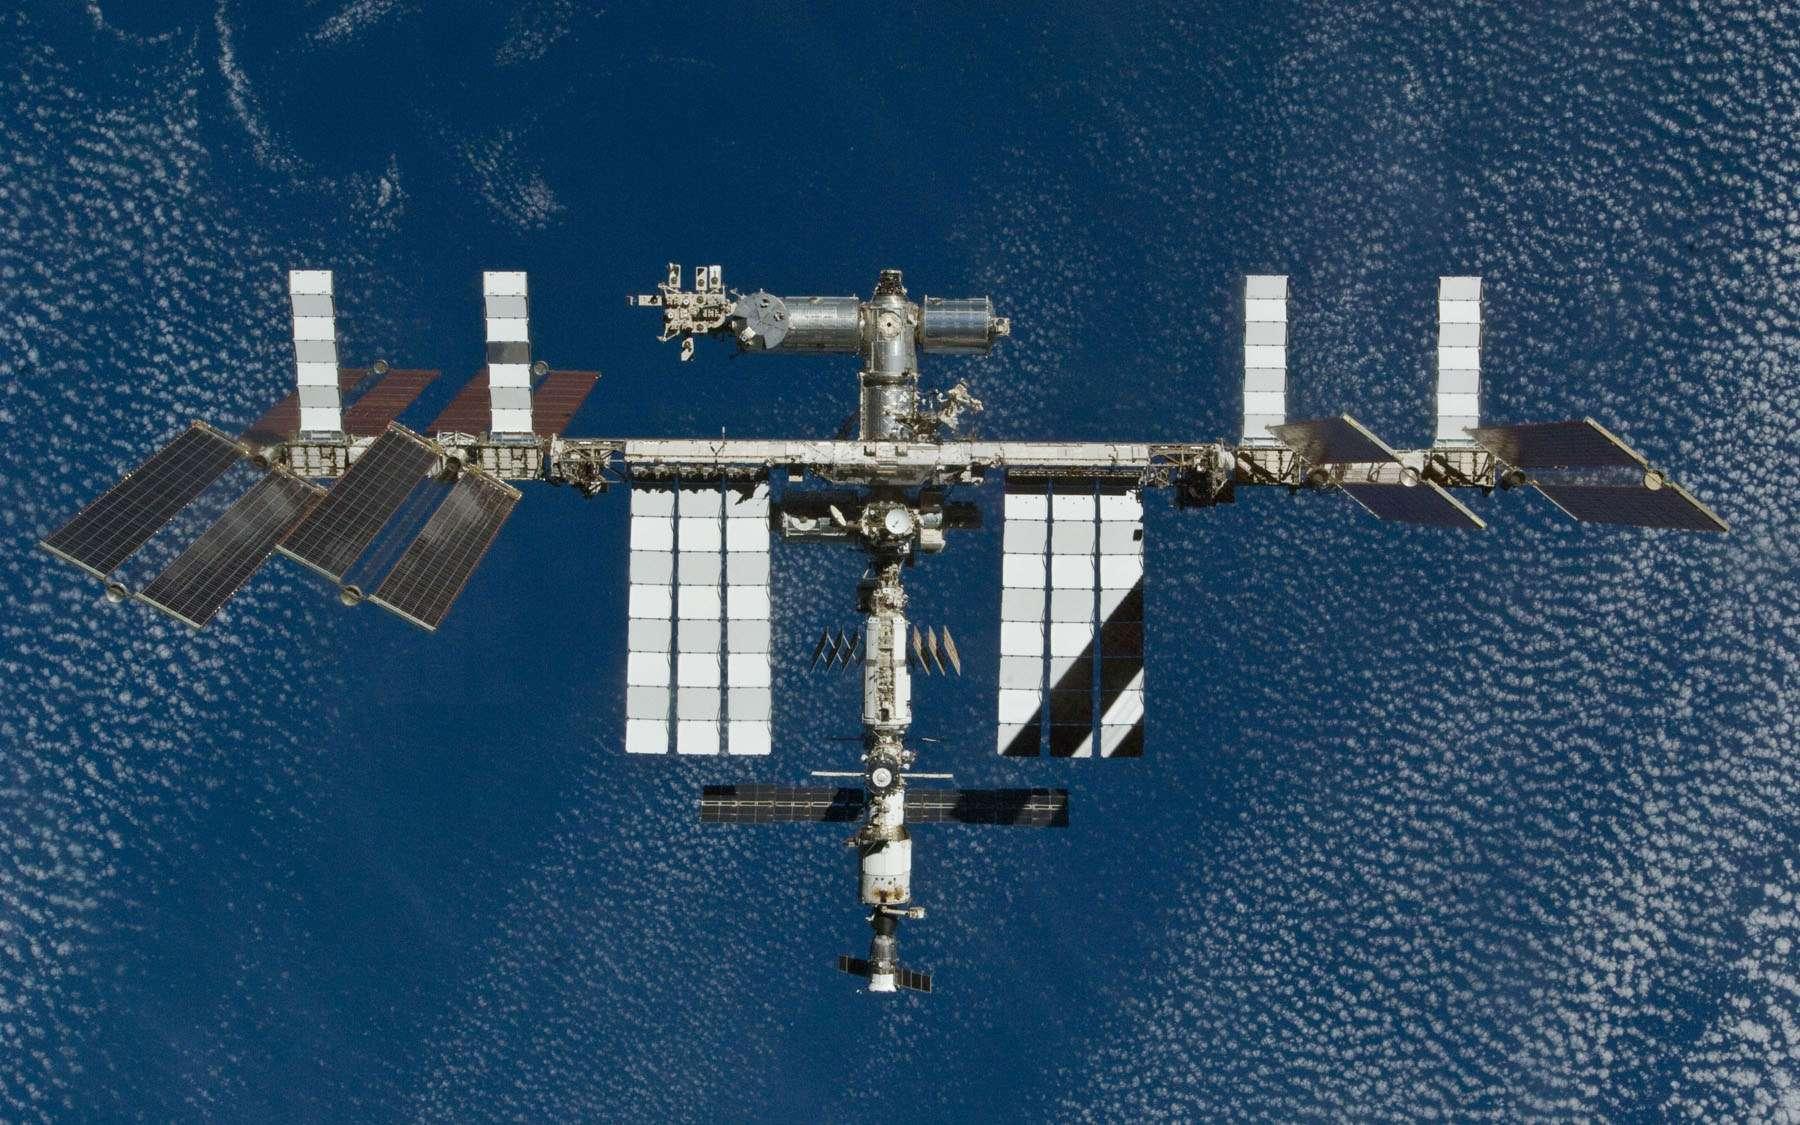 Le segment russe de l'ISS reste actuellement indispensable. En effet, le module Zvezda et les cargos Progress, nécessaires au pilotage de la Station, ne s'amarrent qu'à la partie russe. La Nasa doit donc réfléchir à d'autres solutions d'amarrage. © Nasa